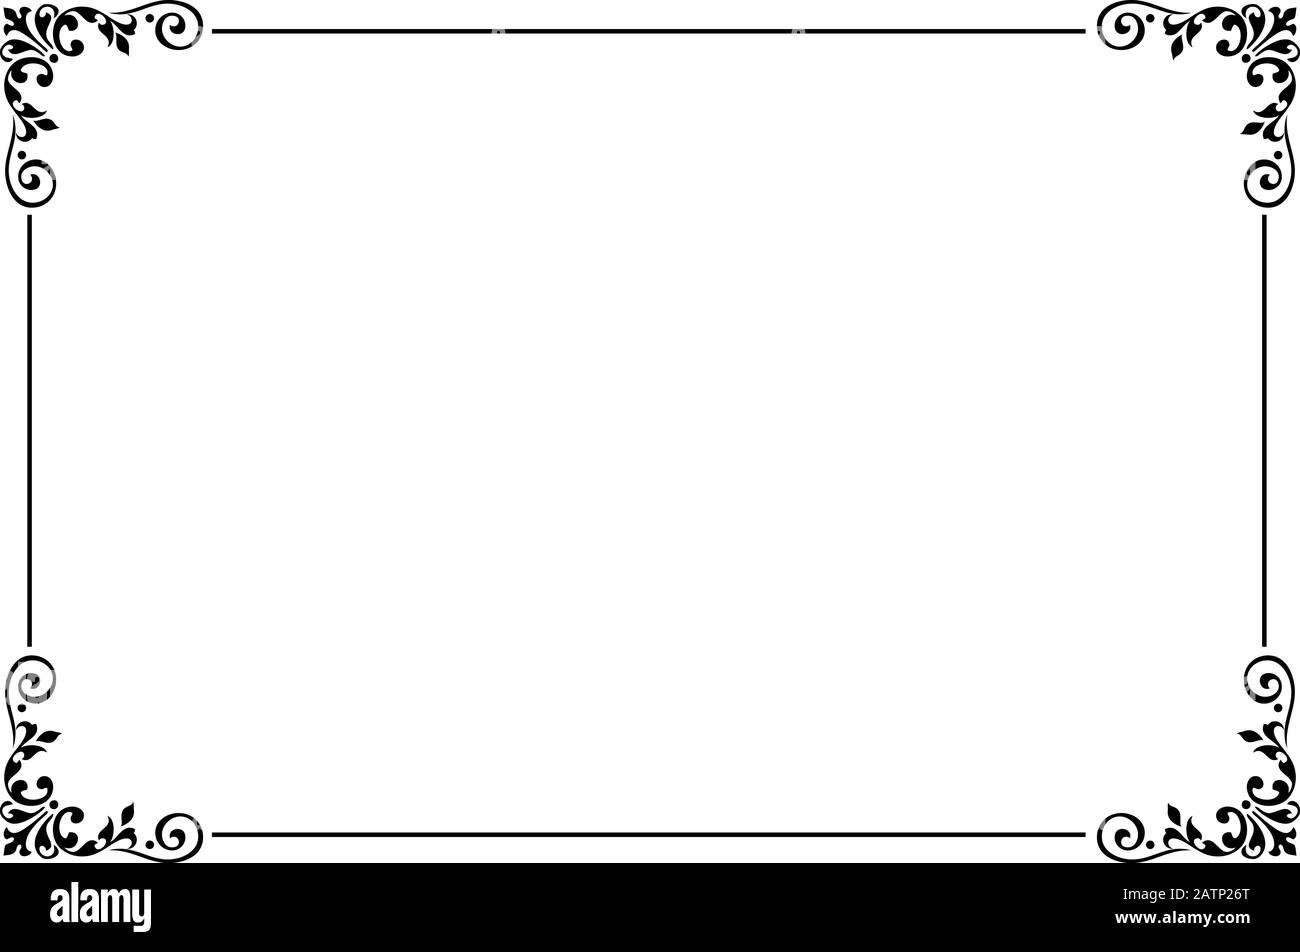 Bordure De Page Banque D Image Et Photos Alamy